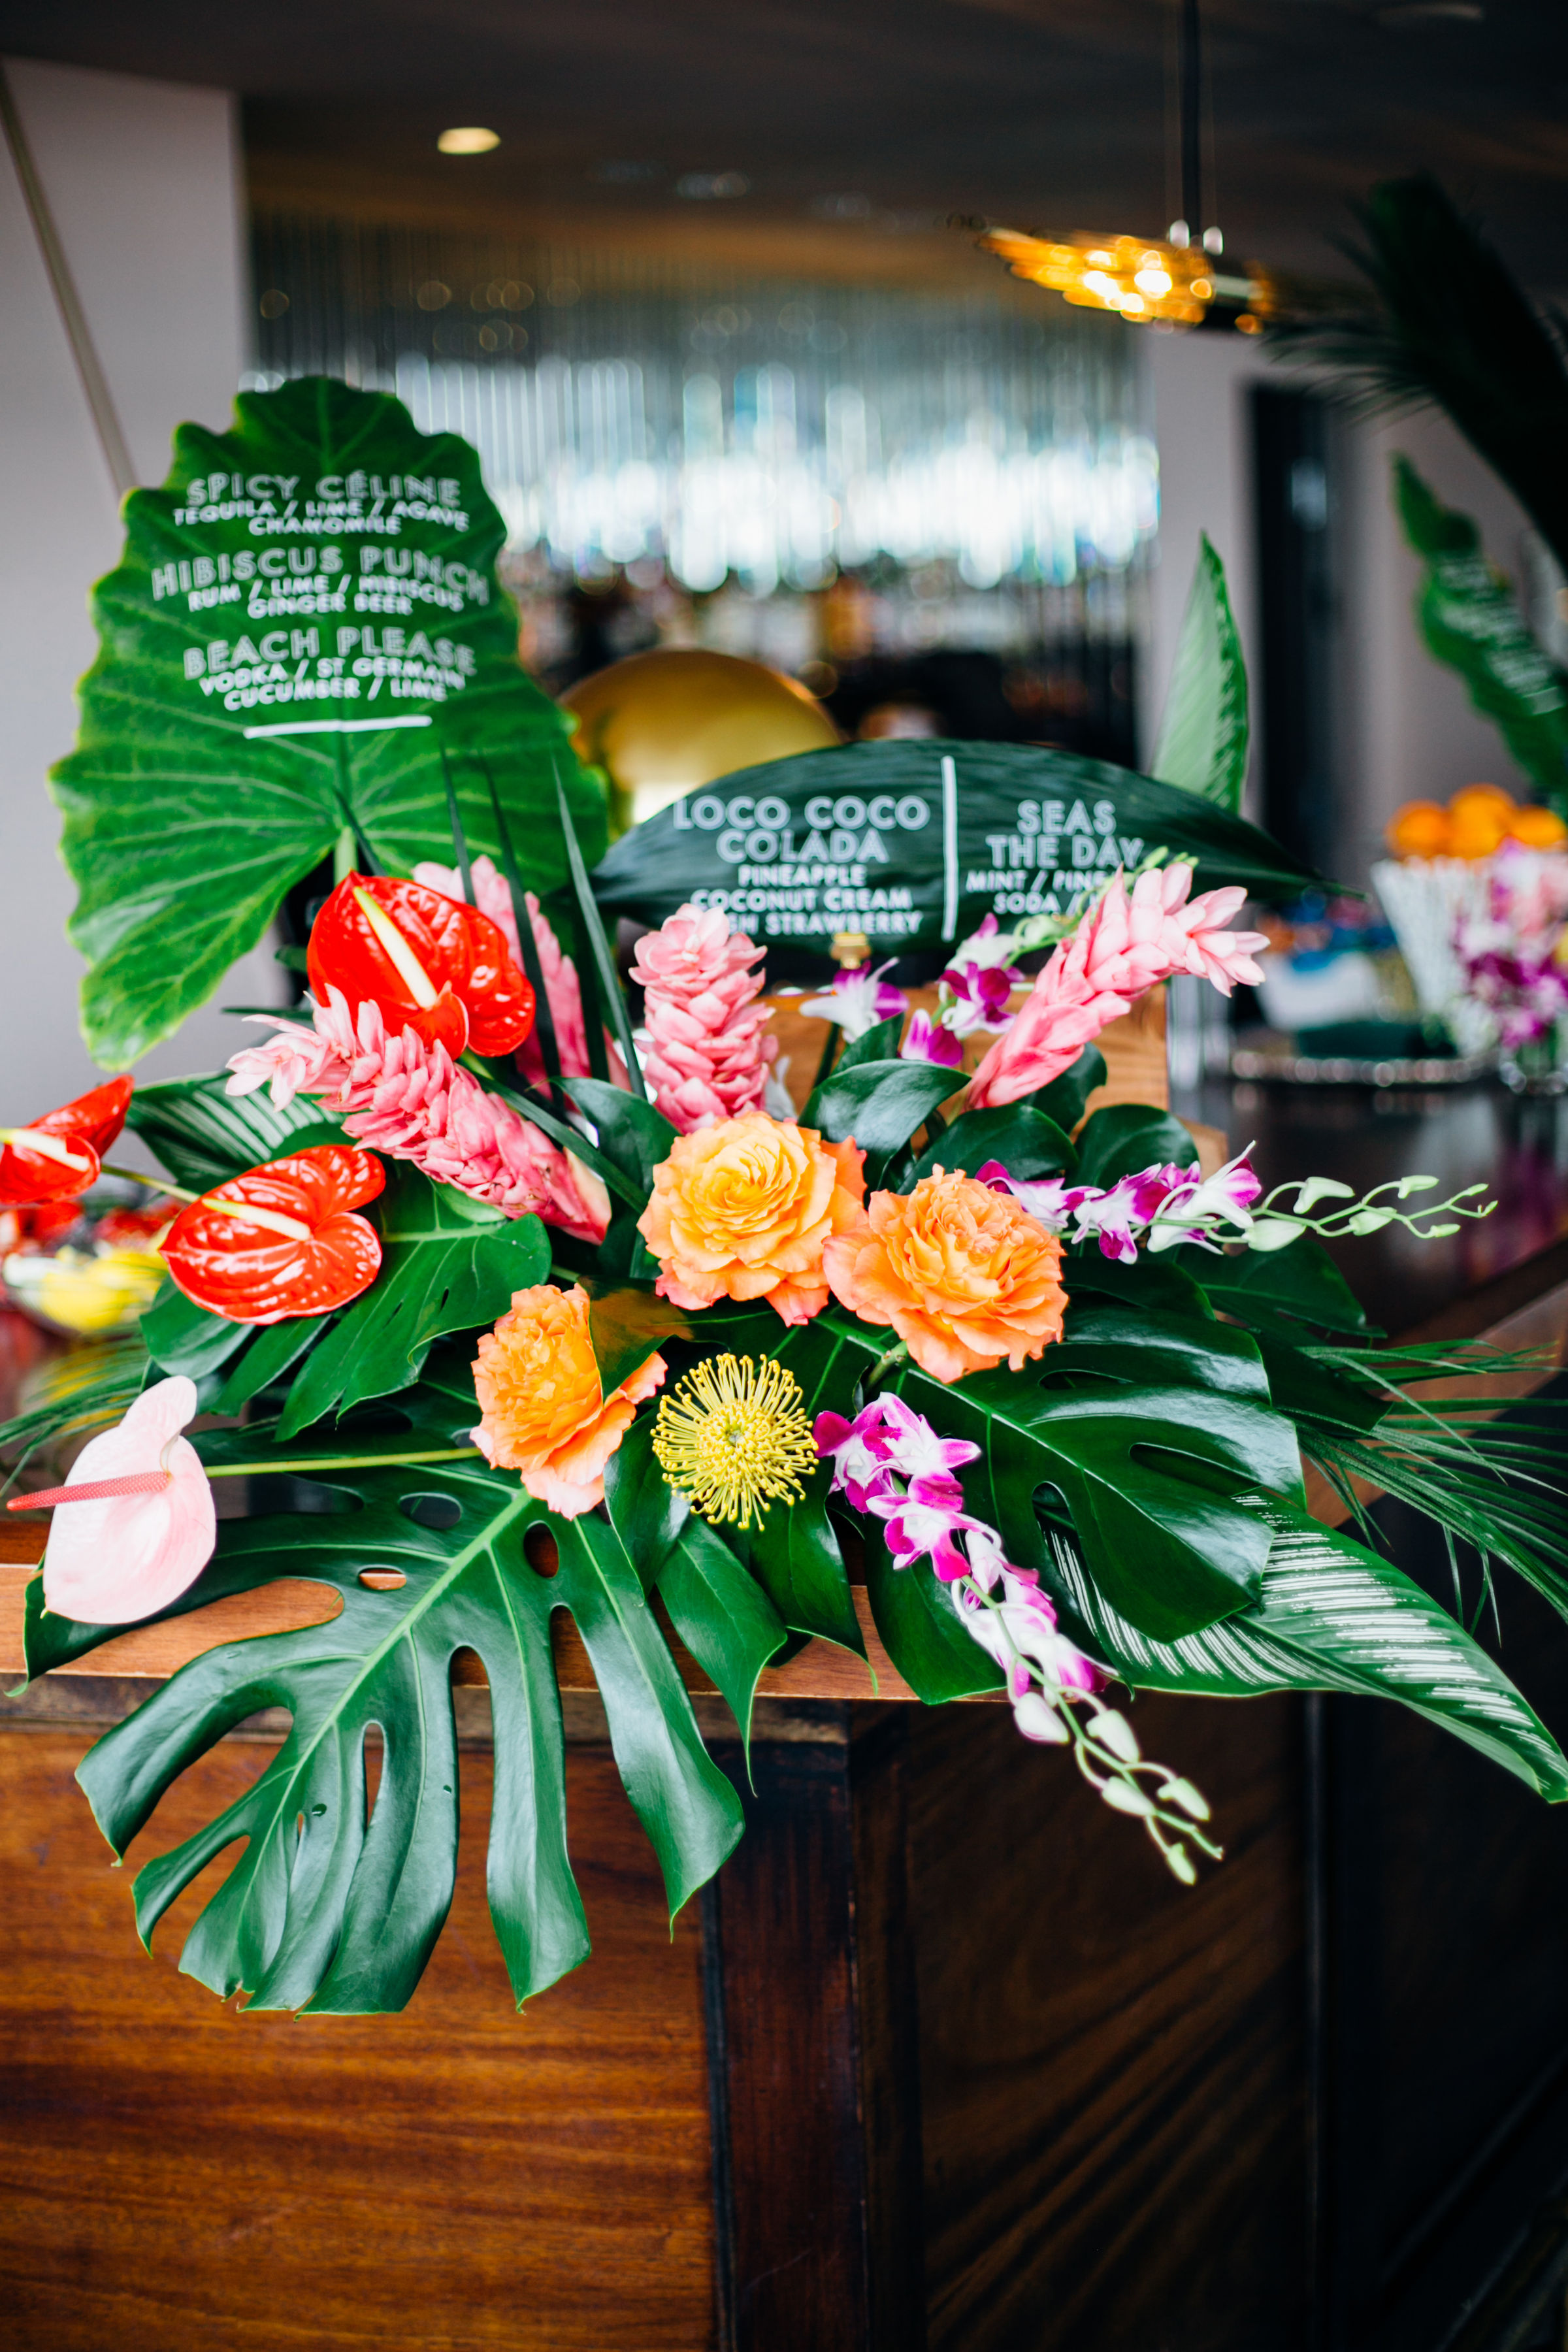 tropical bar arrangement.jpg